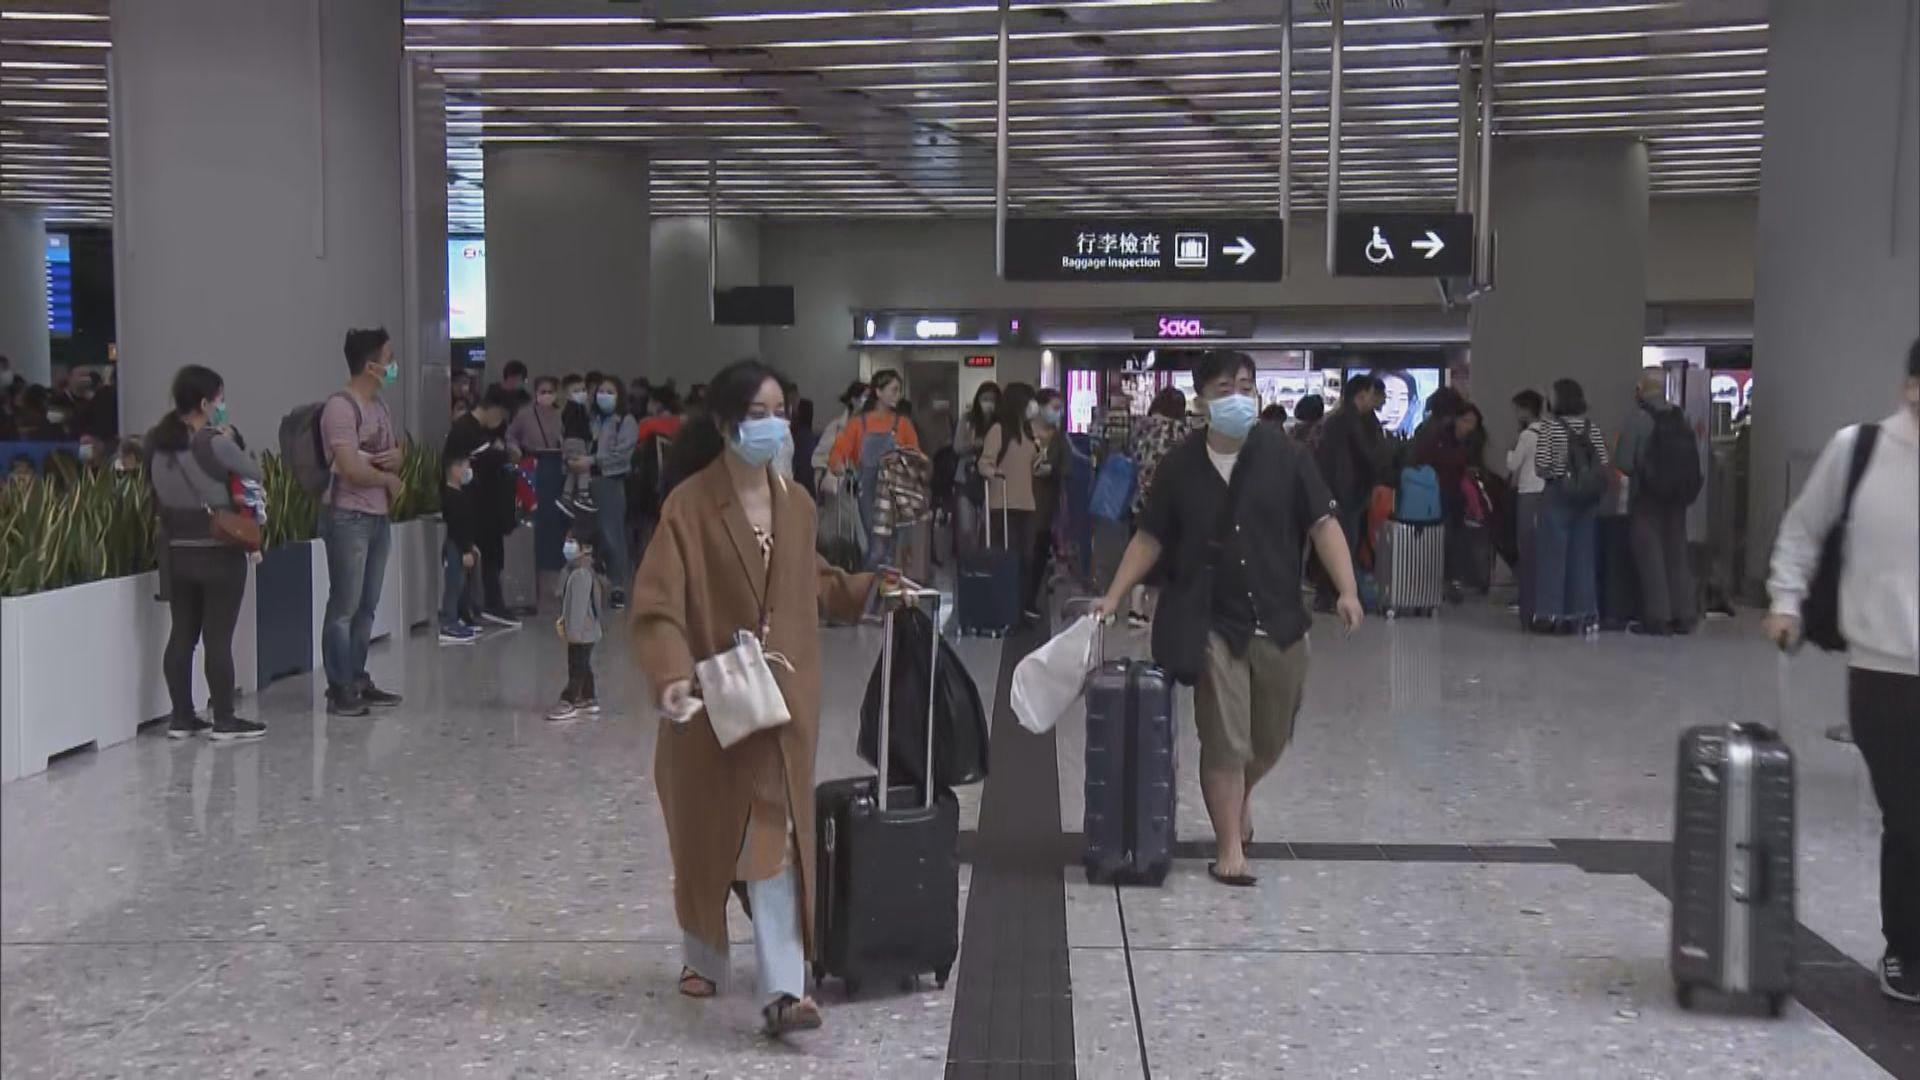 西九站高鐵乘客需提交健康申報表 關口無逼滿乘客